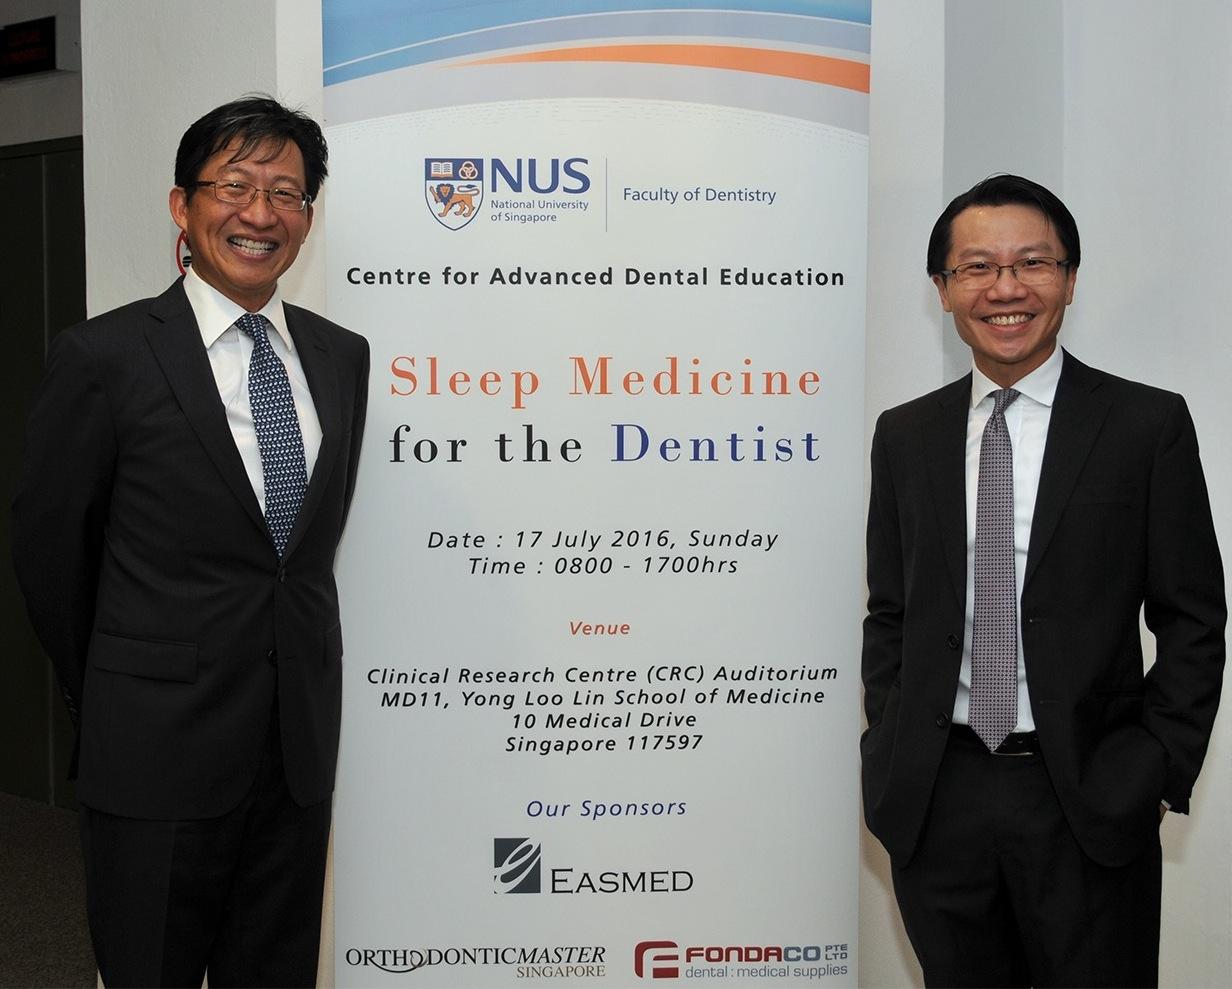 Dr. David Tay and Dr. Kenny Pang